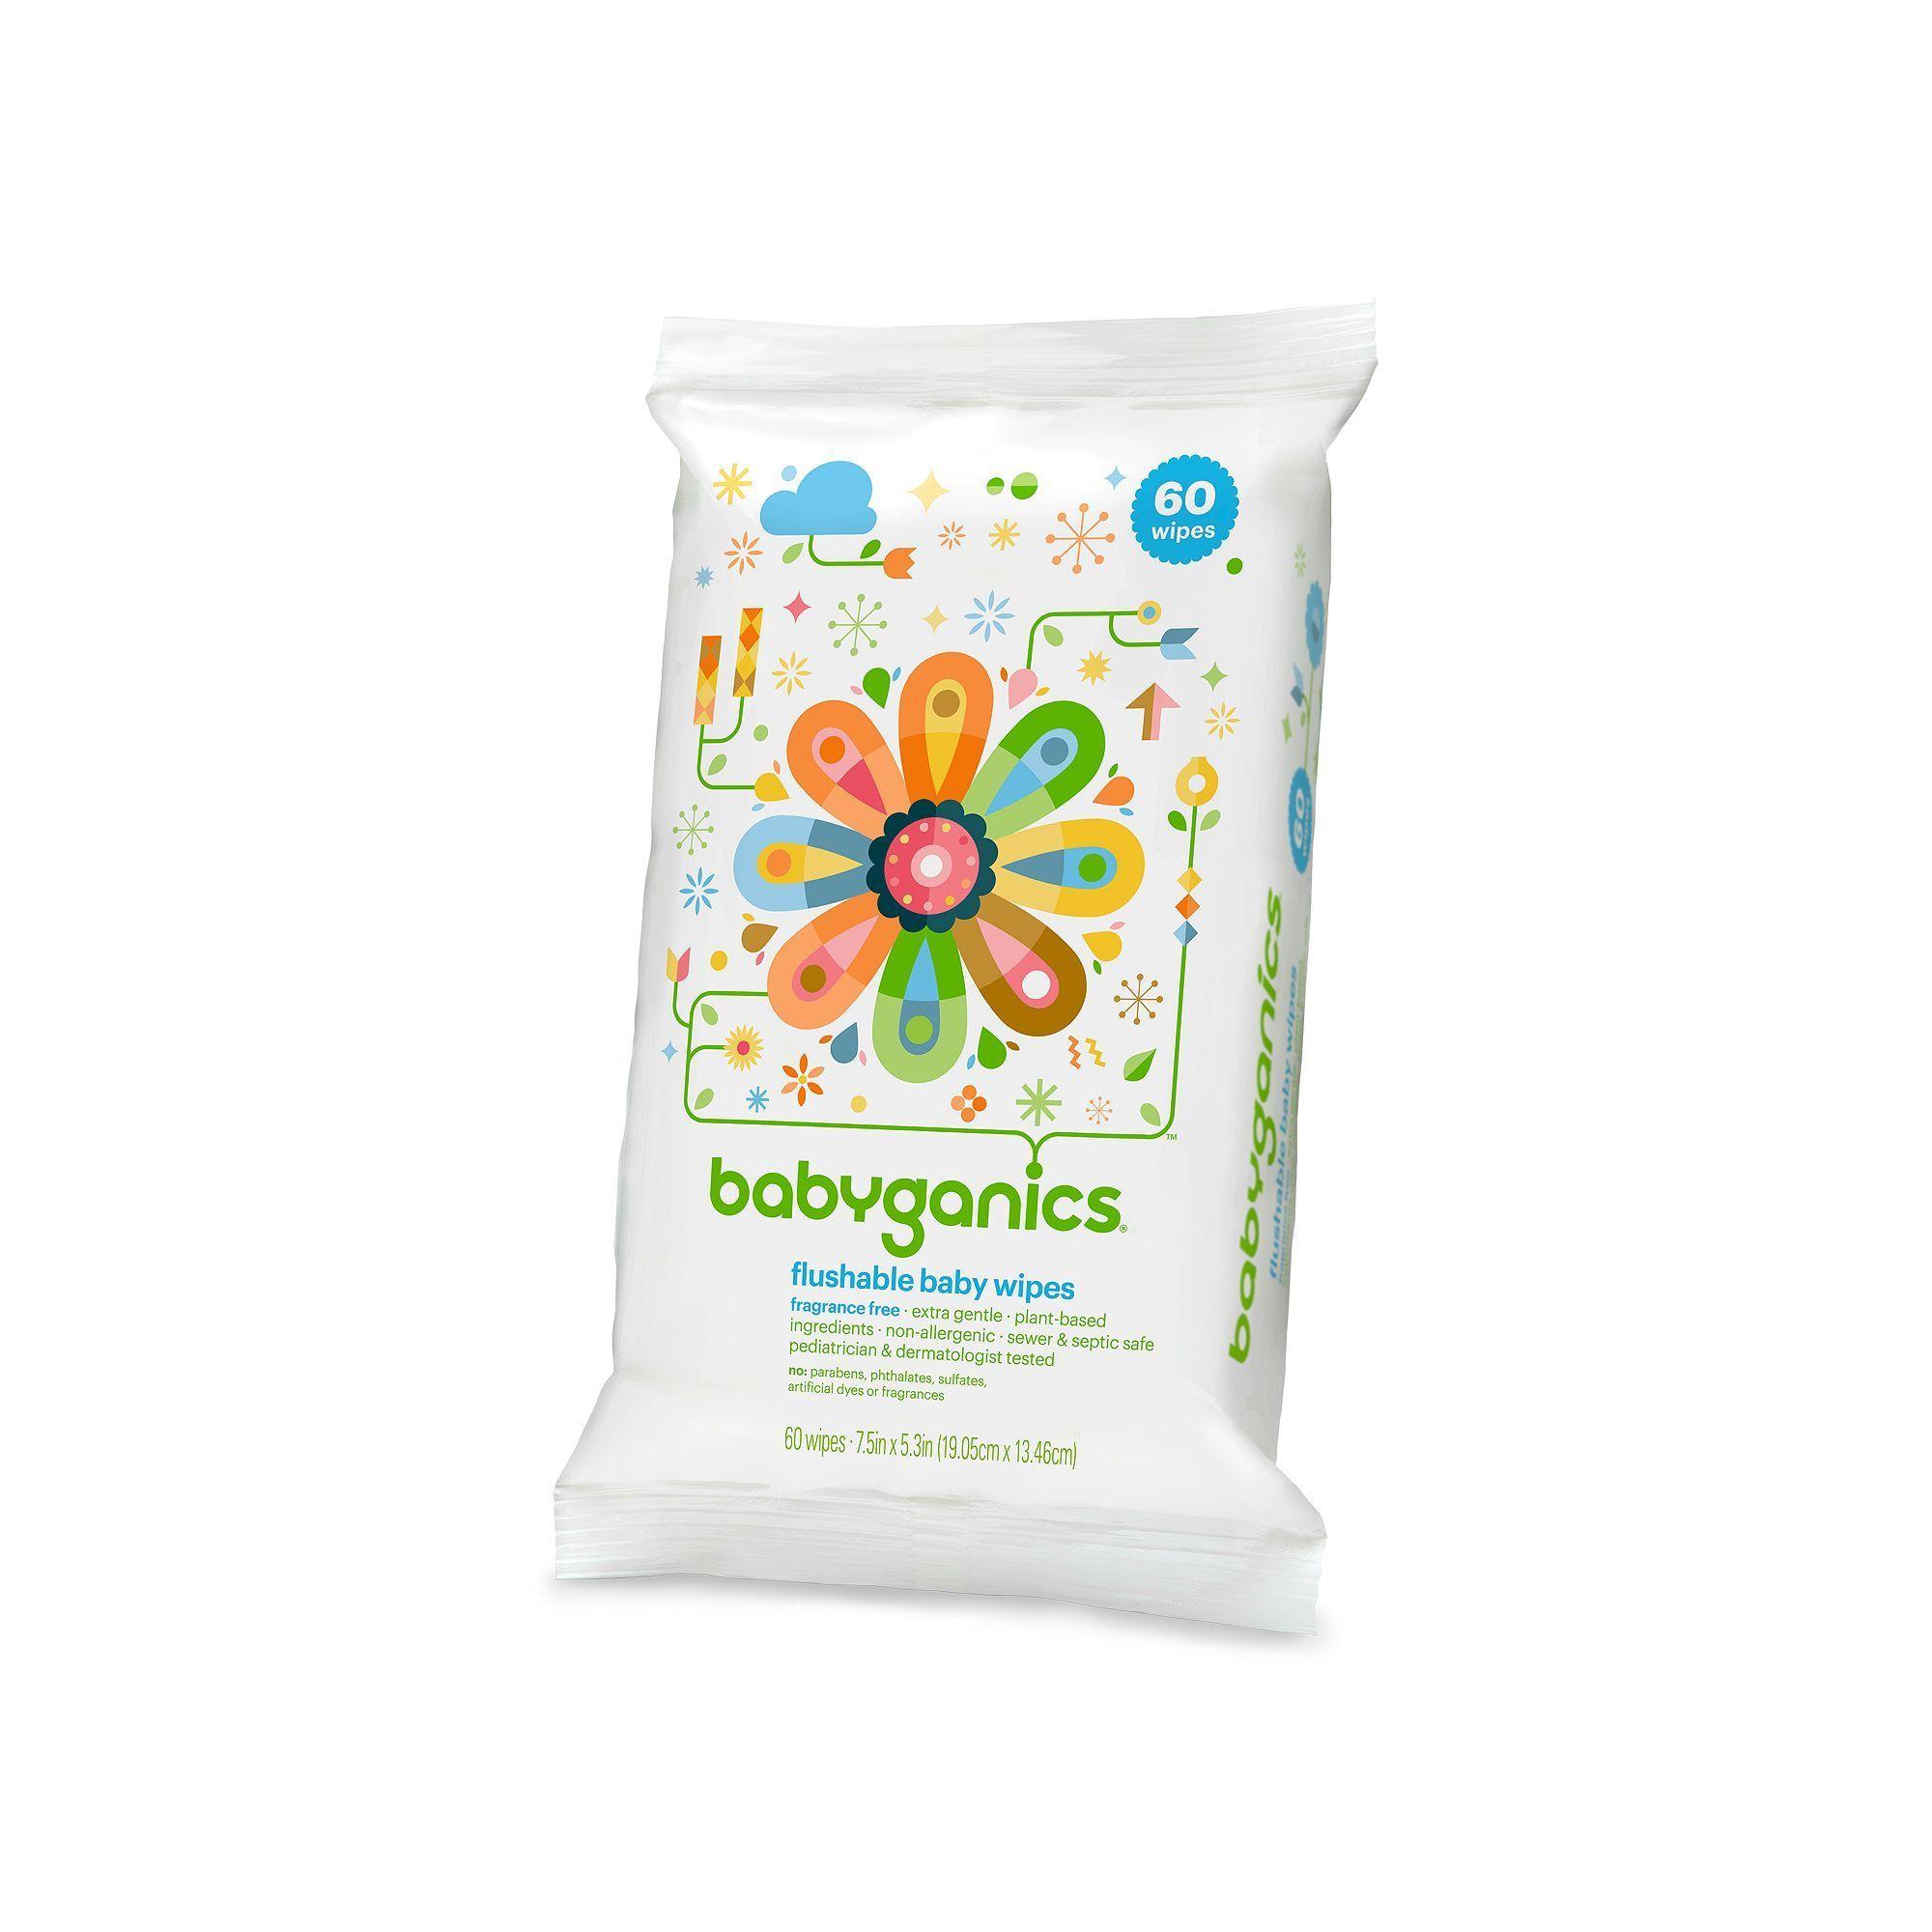 Babyganics On The Go 60 Pk Fragrance Free Flushable Wipes